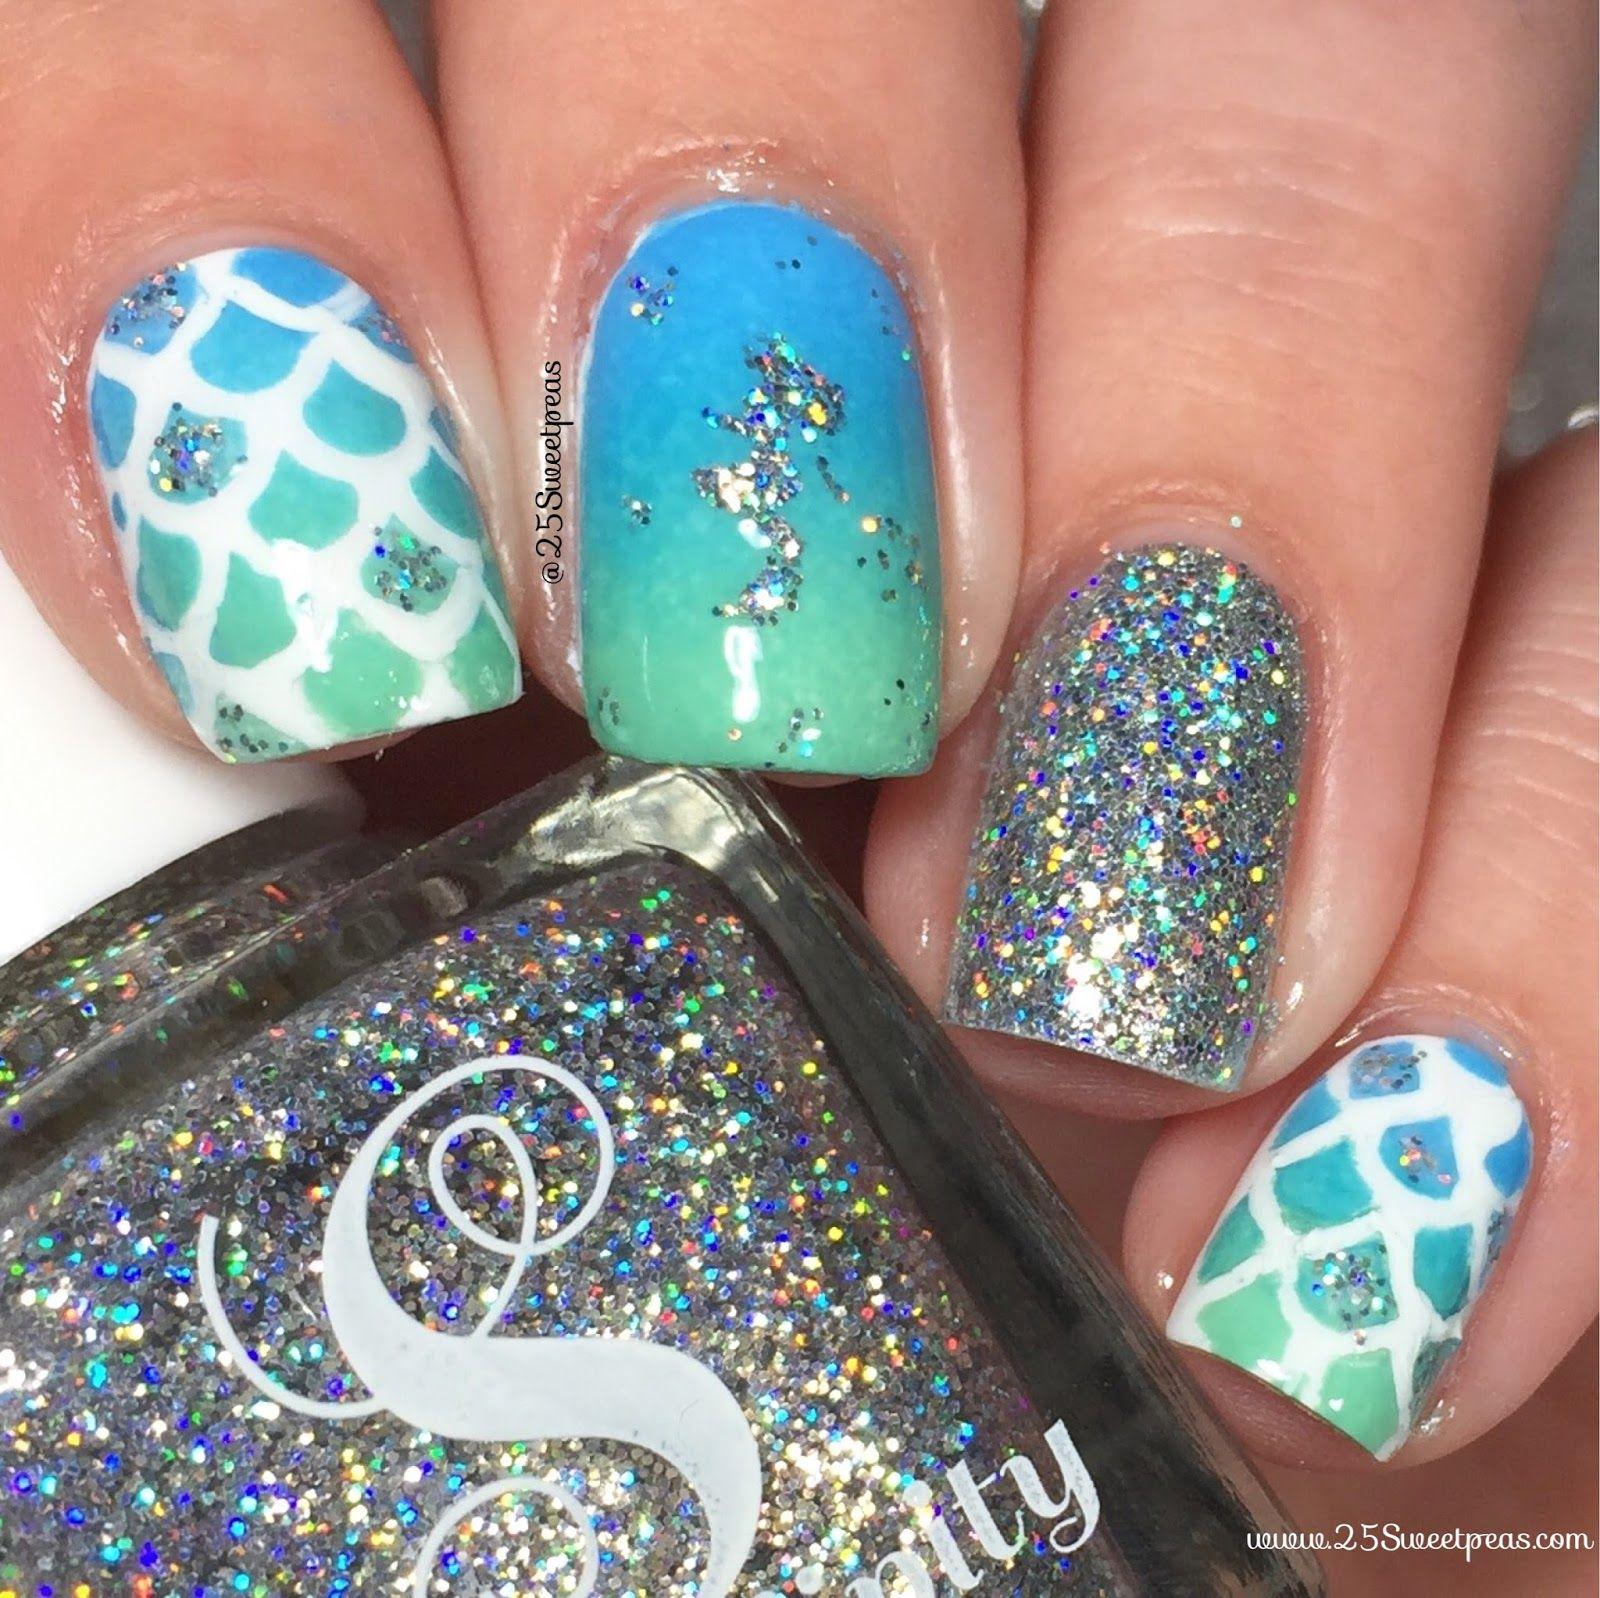 Mermaid Nail Art Using Snail Vinyls And Serendipity Polish